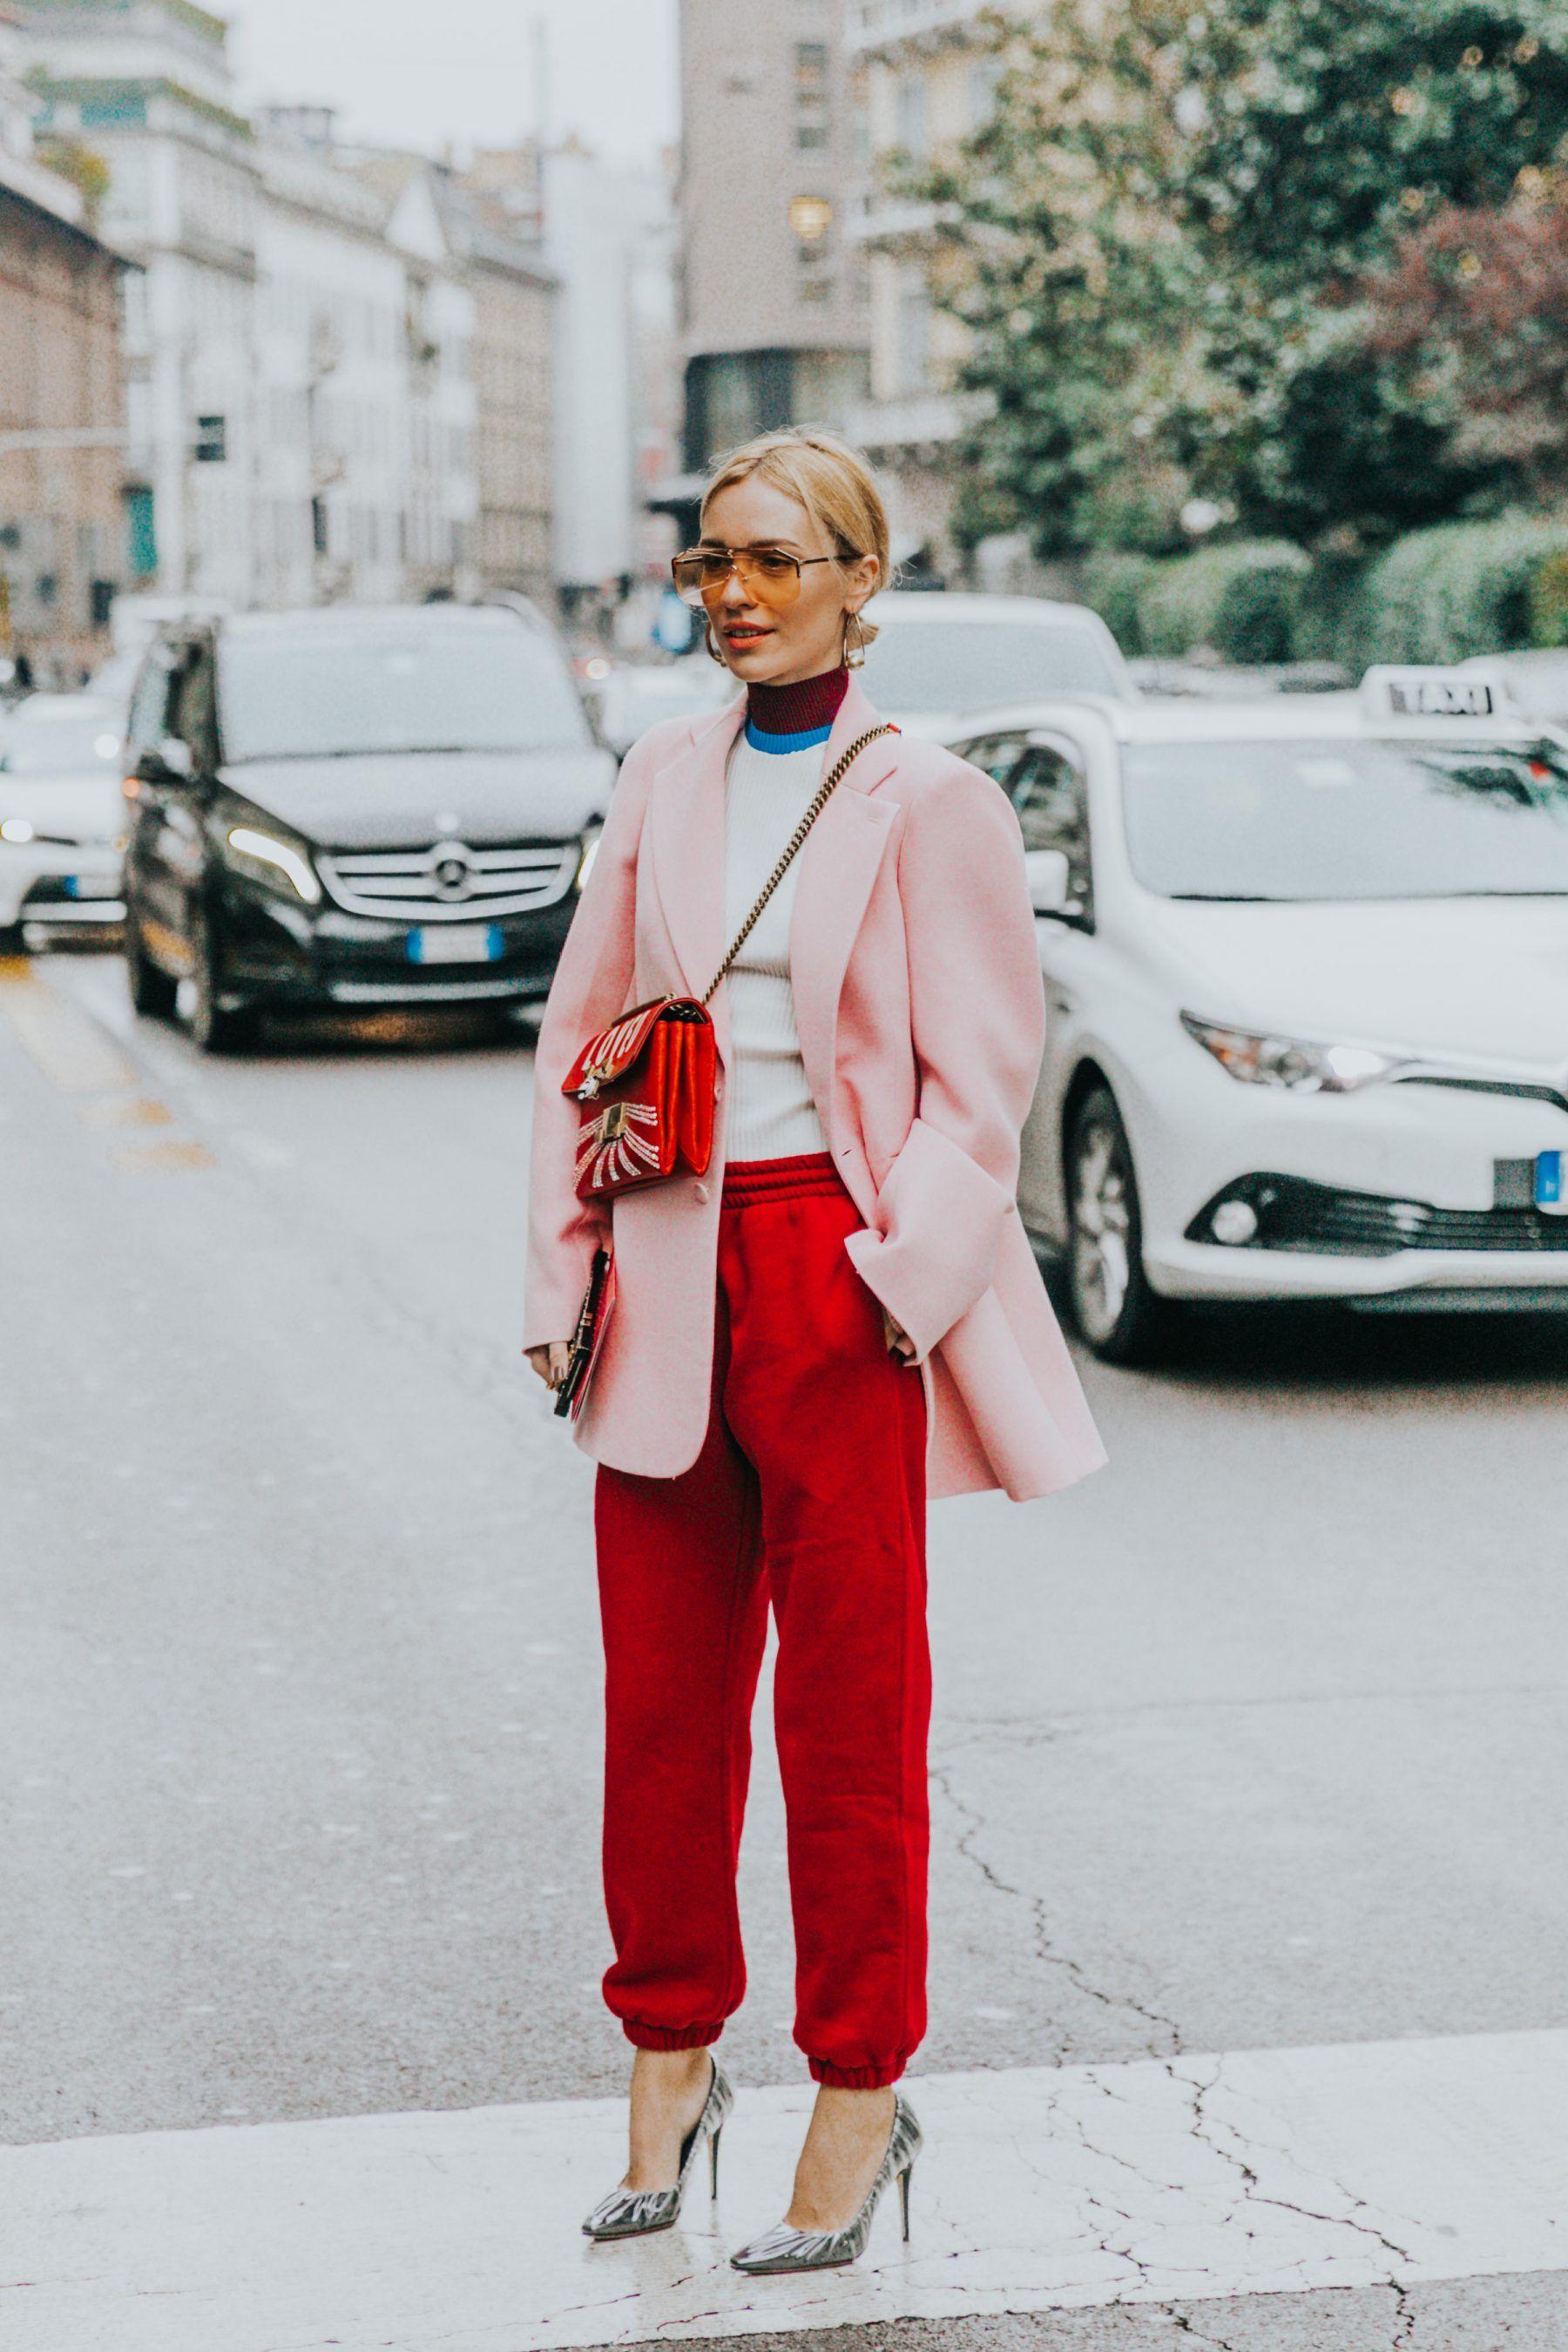 áo blazer màu hồng và quần màu đỏ